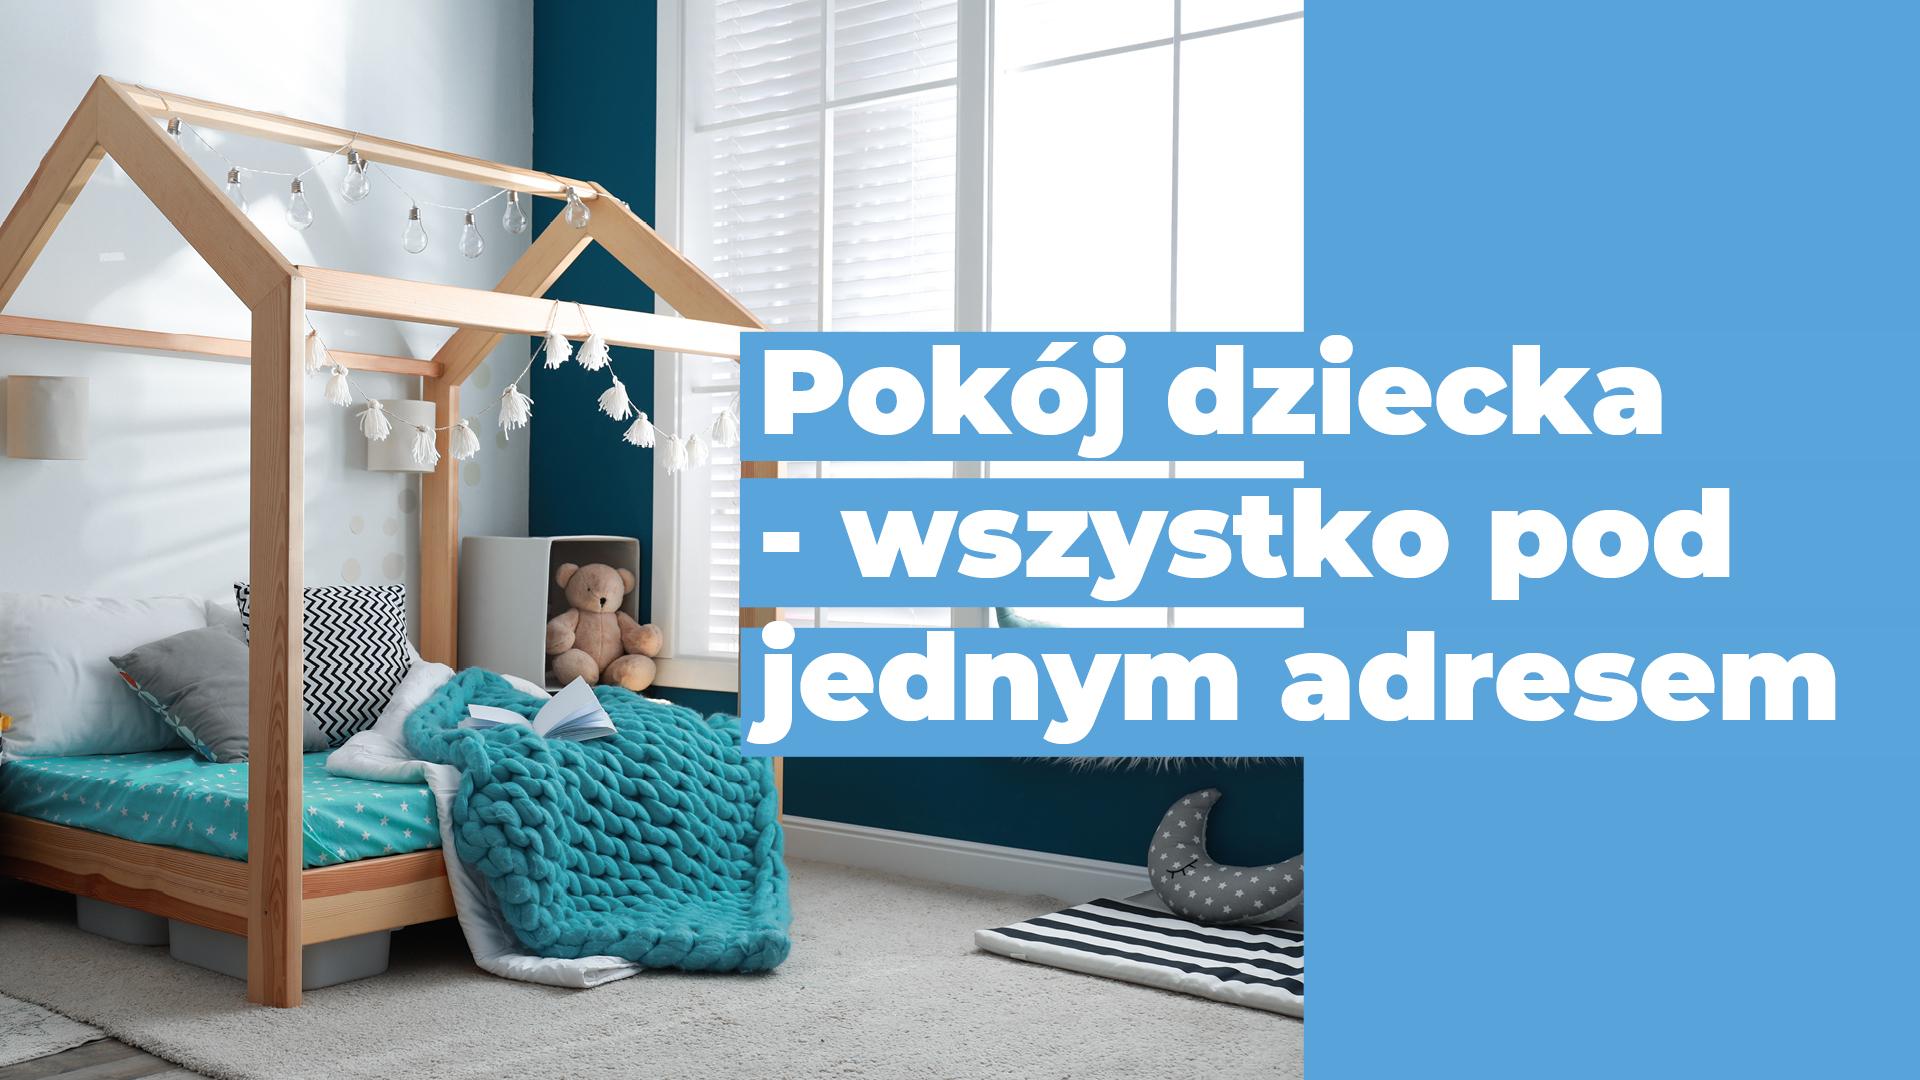 Pokój dziecka okładka oferty